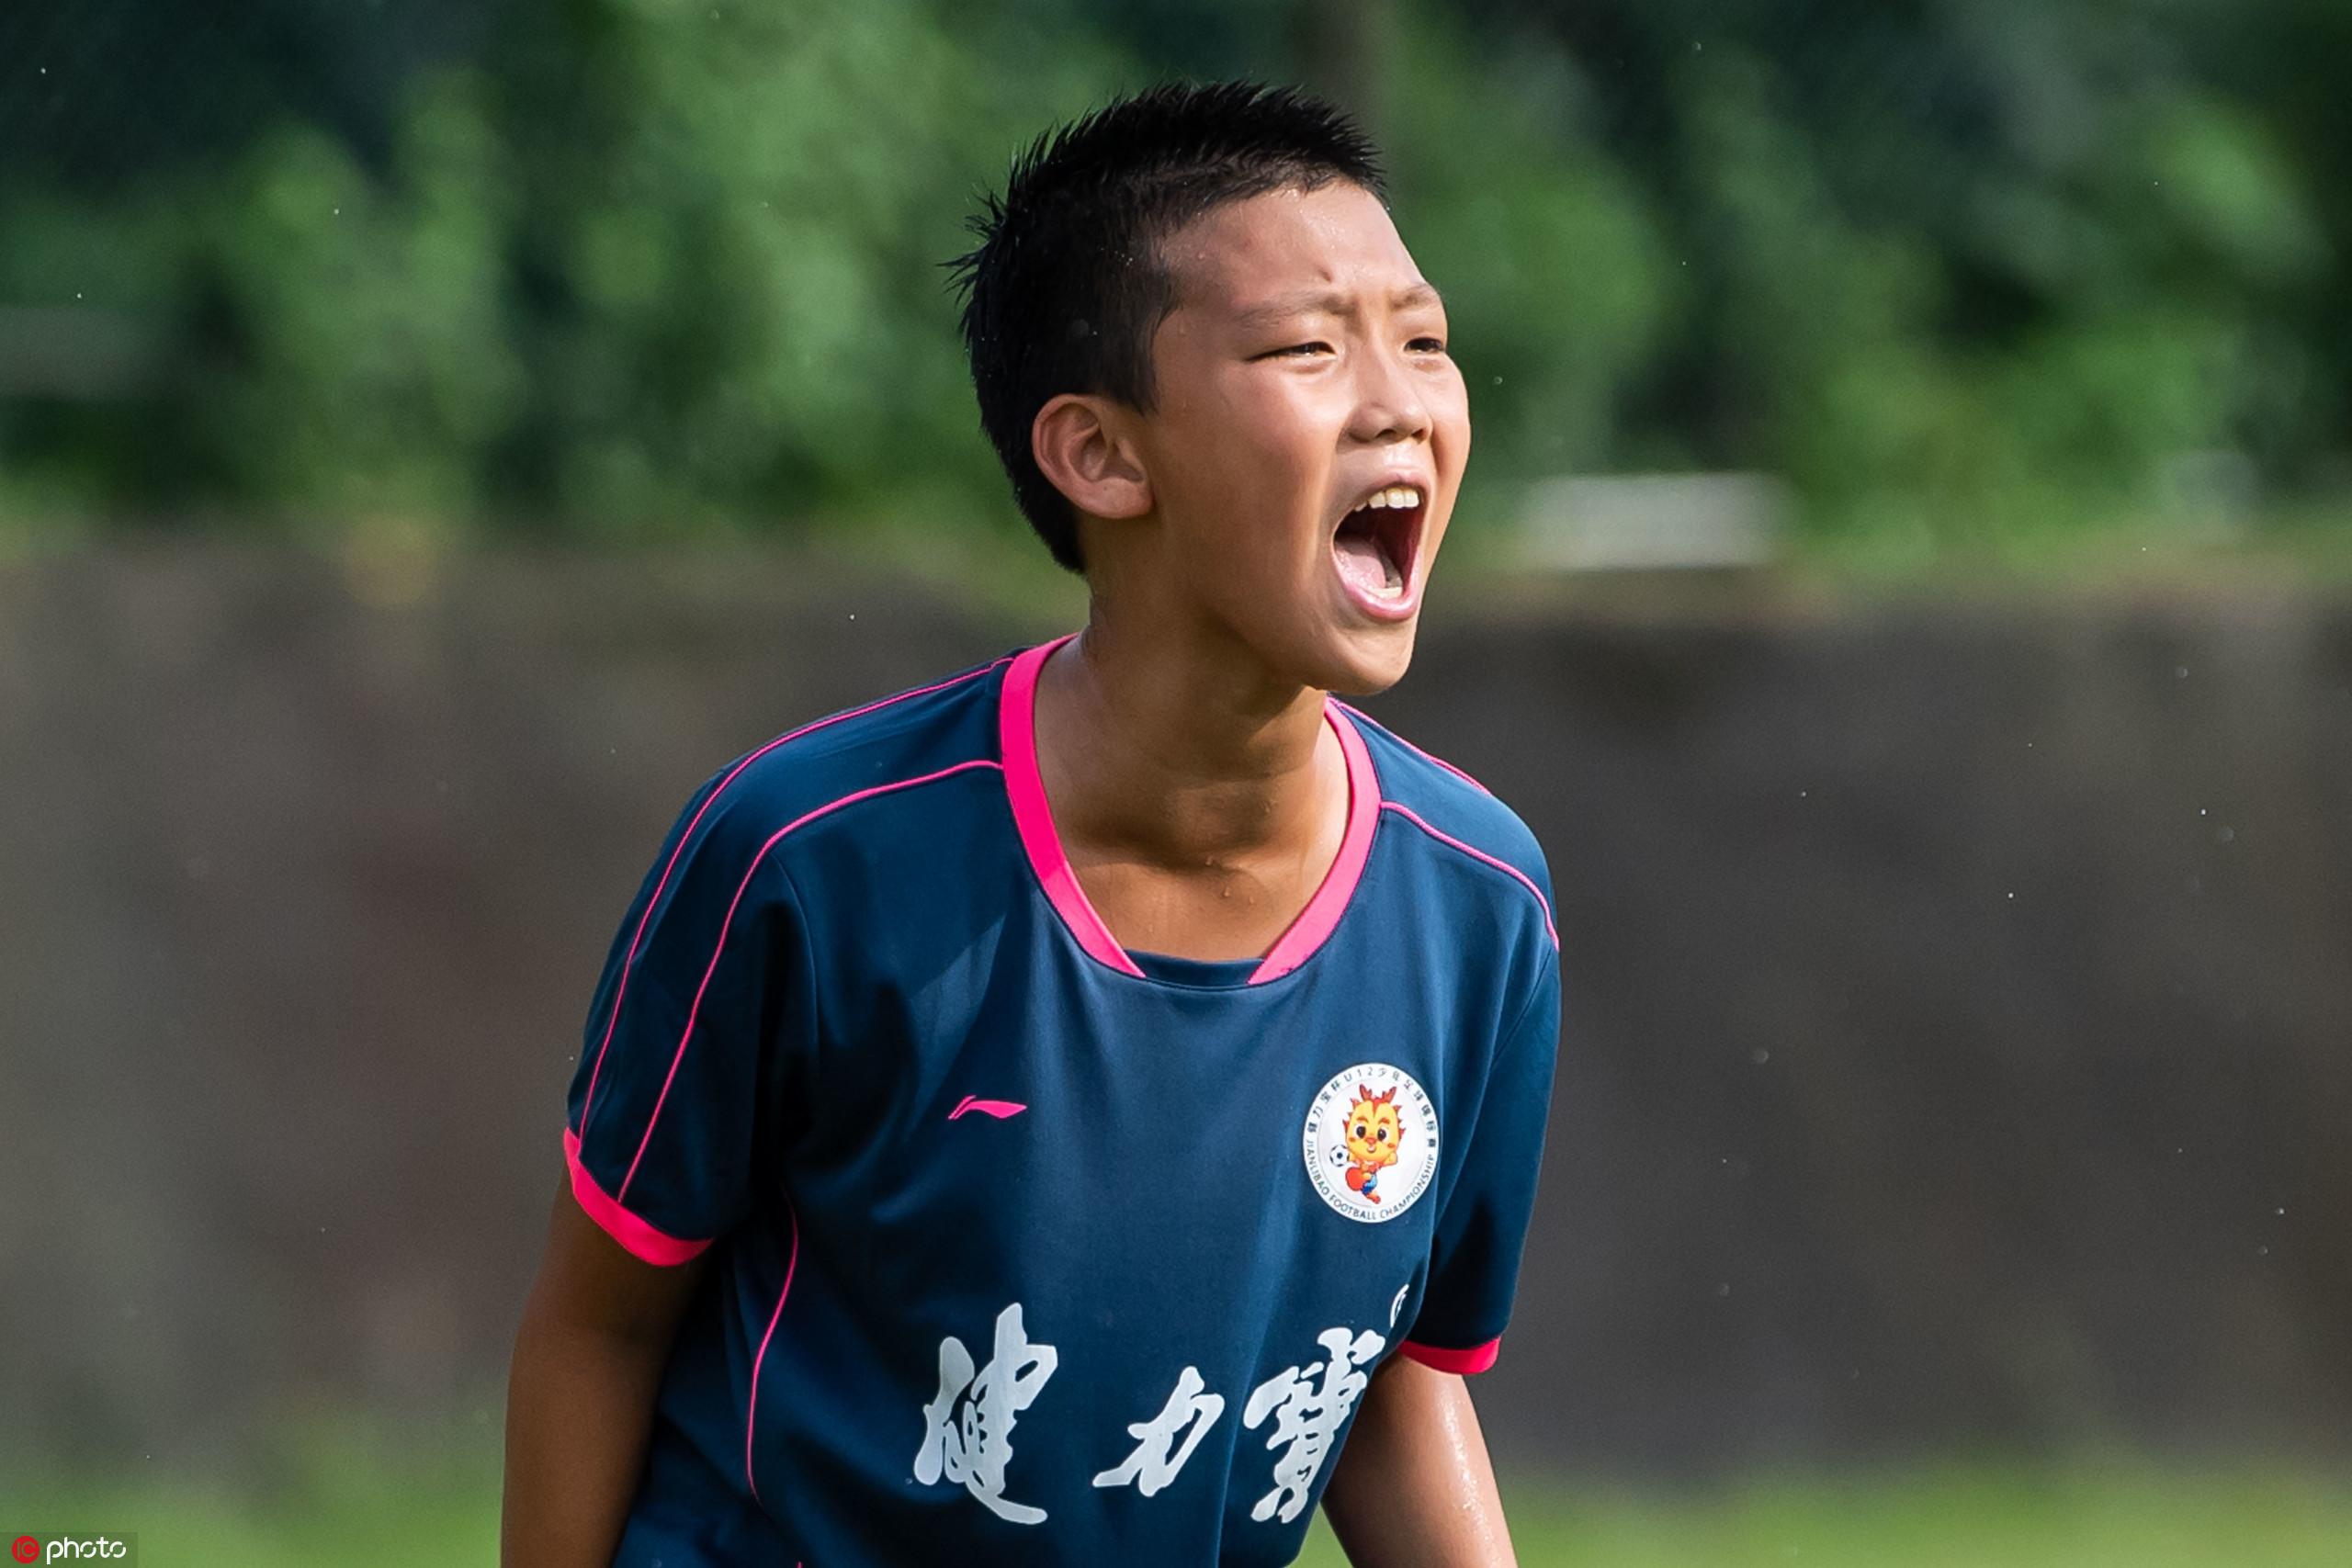 多图流:郑智爱子出战U12比赛,举手投足颇似父亲